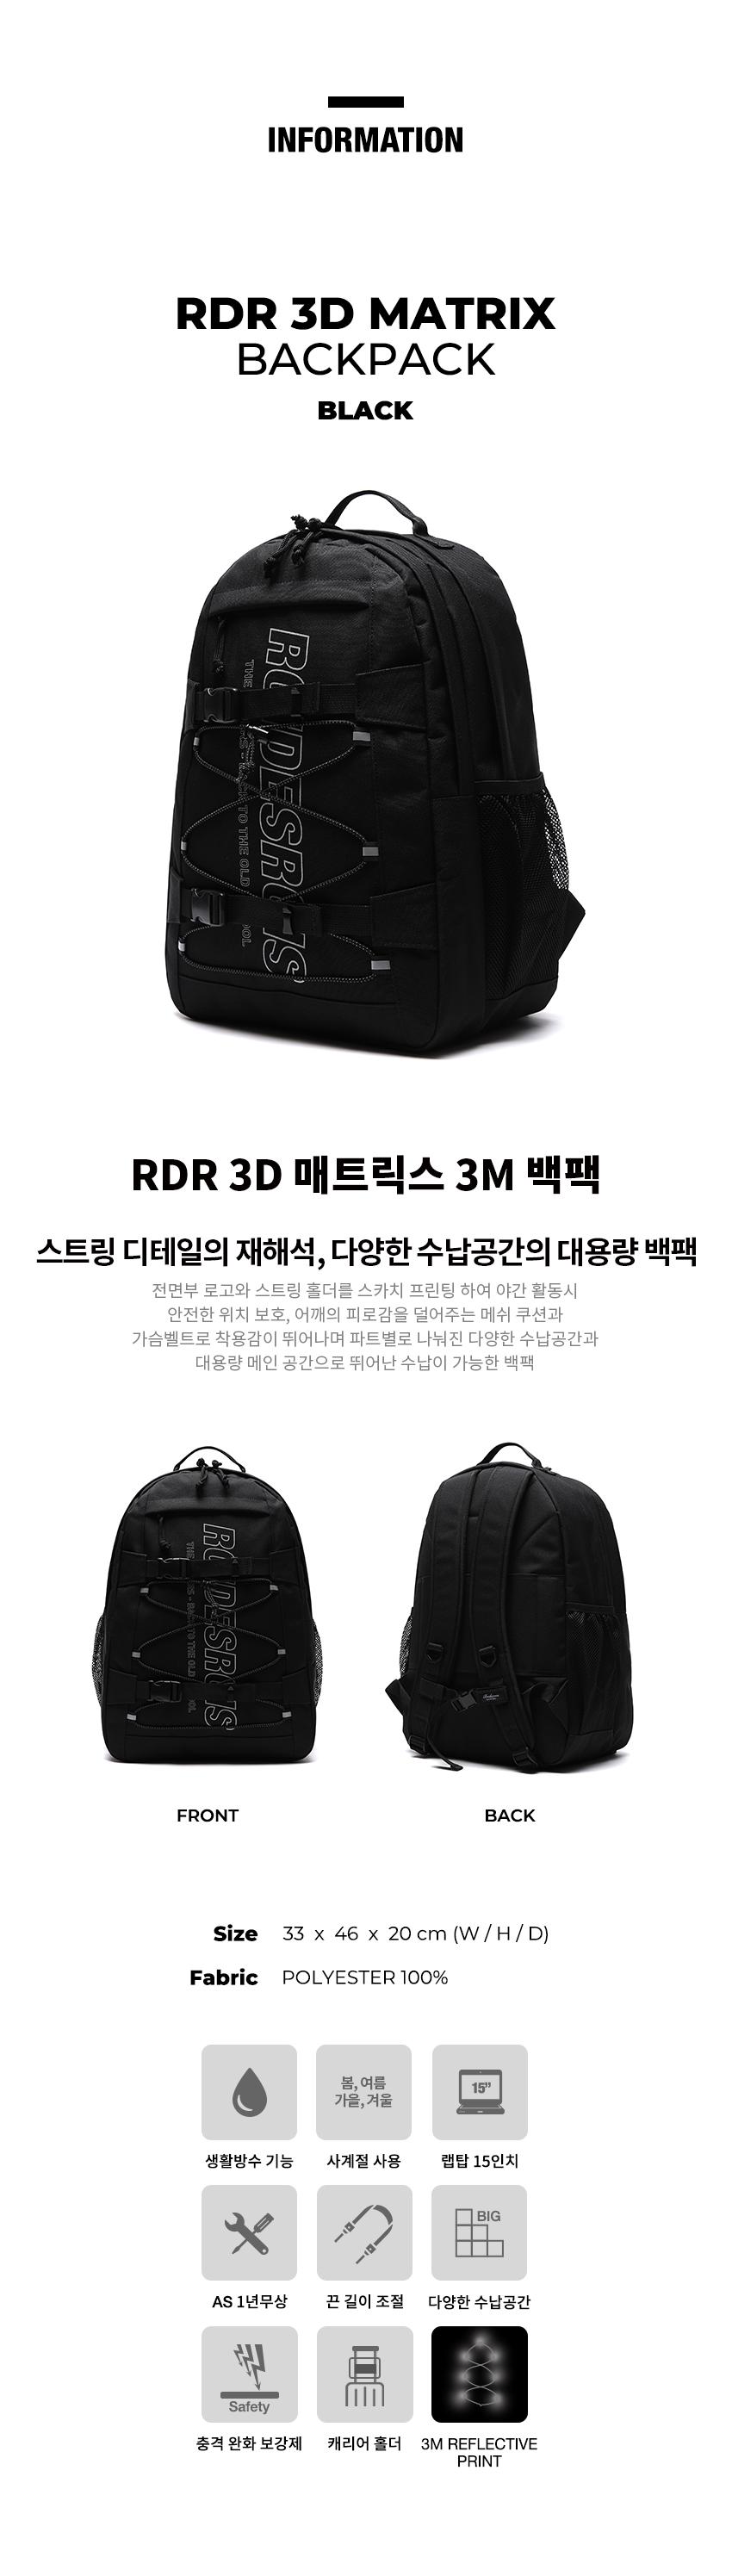 로아드로아(ROIDESROIS) RDR 3D 매트릭스 백팩 (블랙)